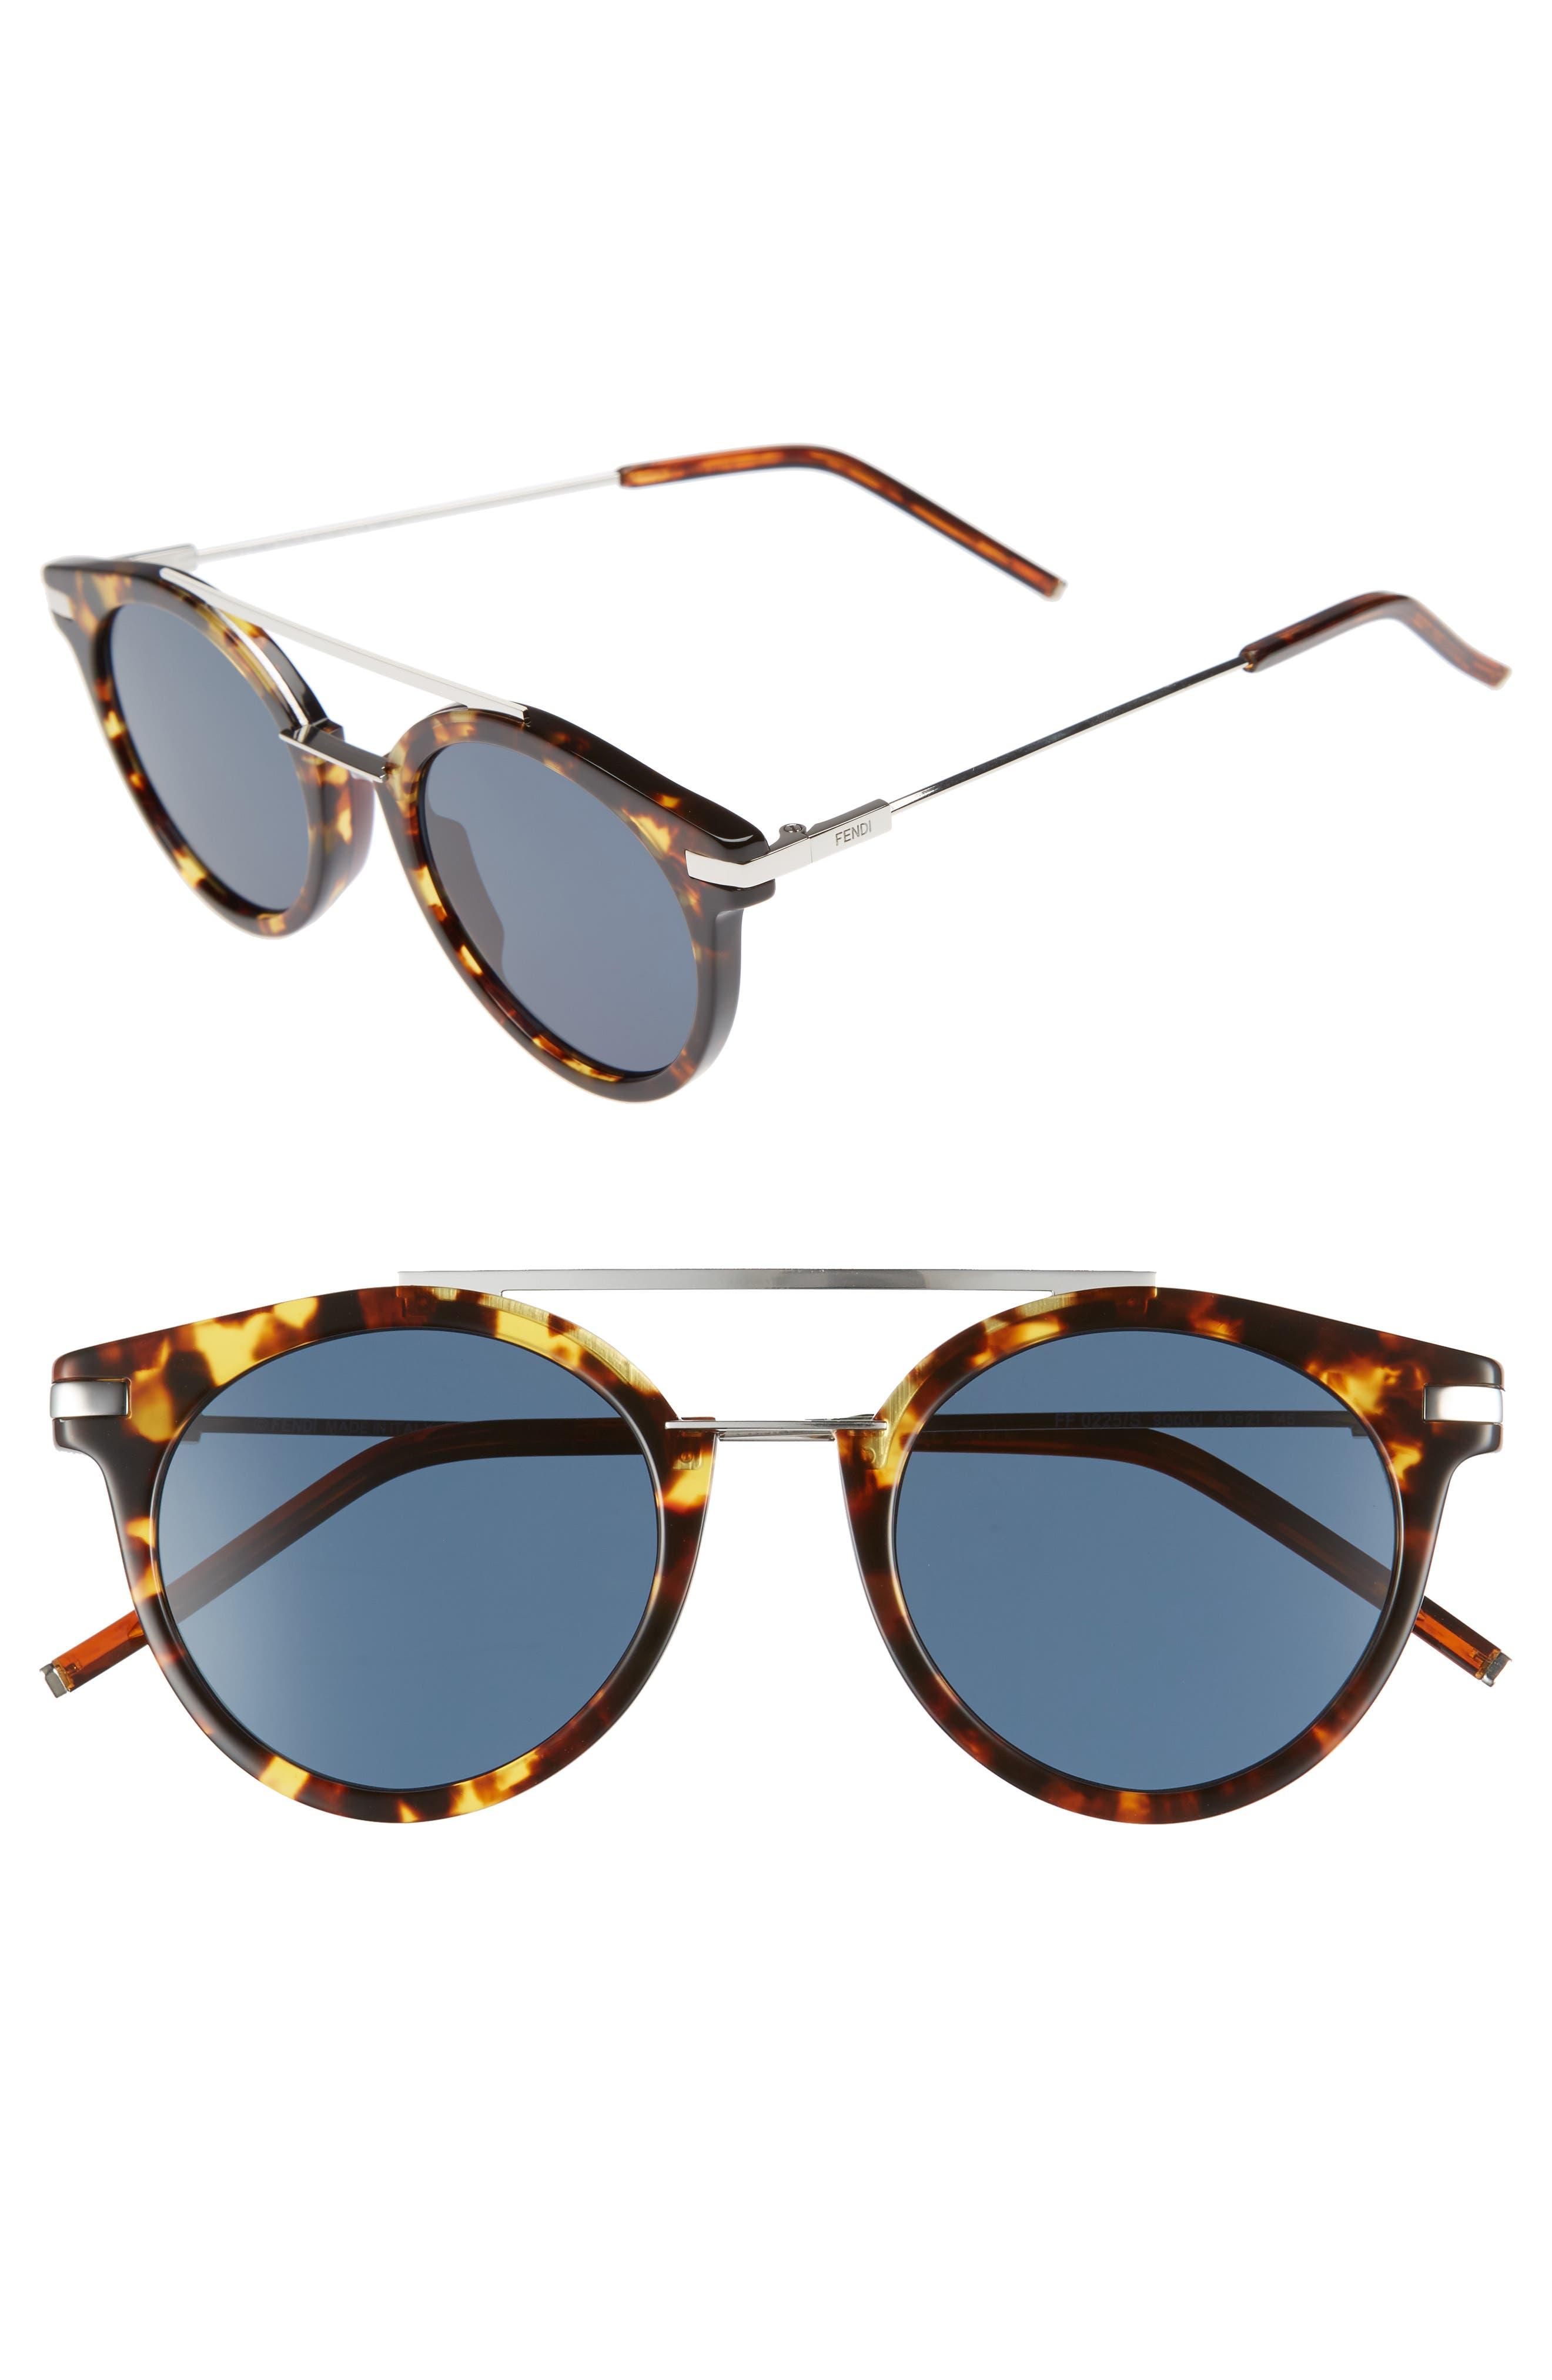 Fendi 49mm Mirrored Retro Sunglasses